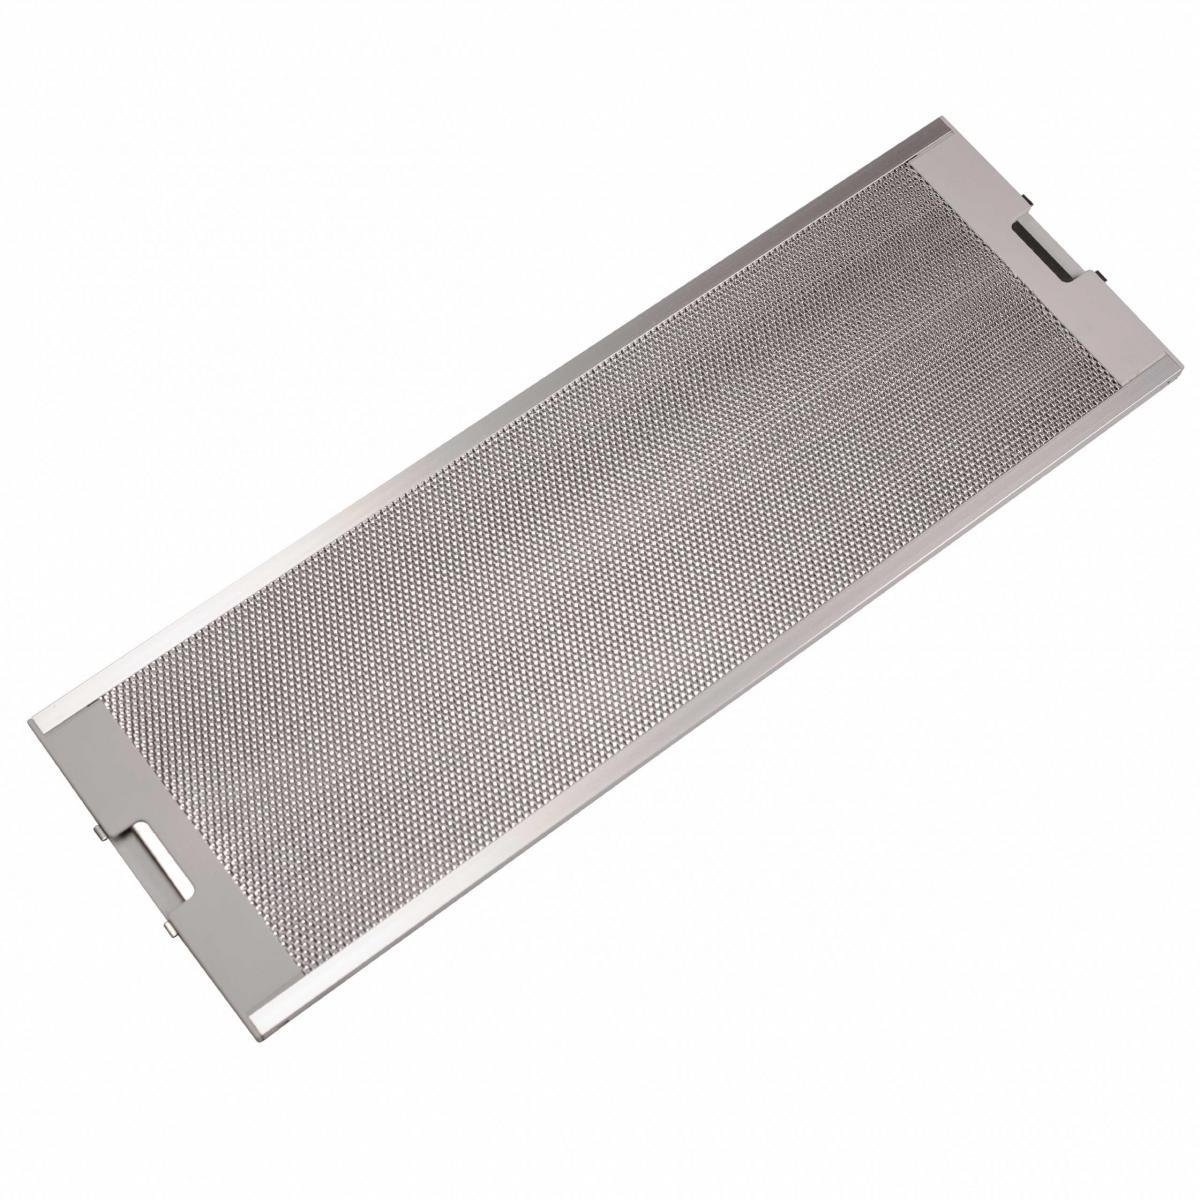 Vhbw vhbw Filtre Permanent Filtre à Graisse Métallique compatible avec Imperial DMA 64 EL, DMA 64 EX, DMA 64/1, DMA 64/1 EL H